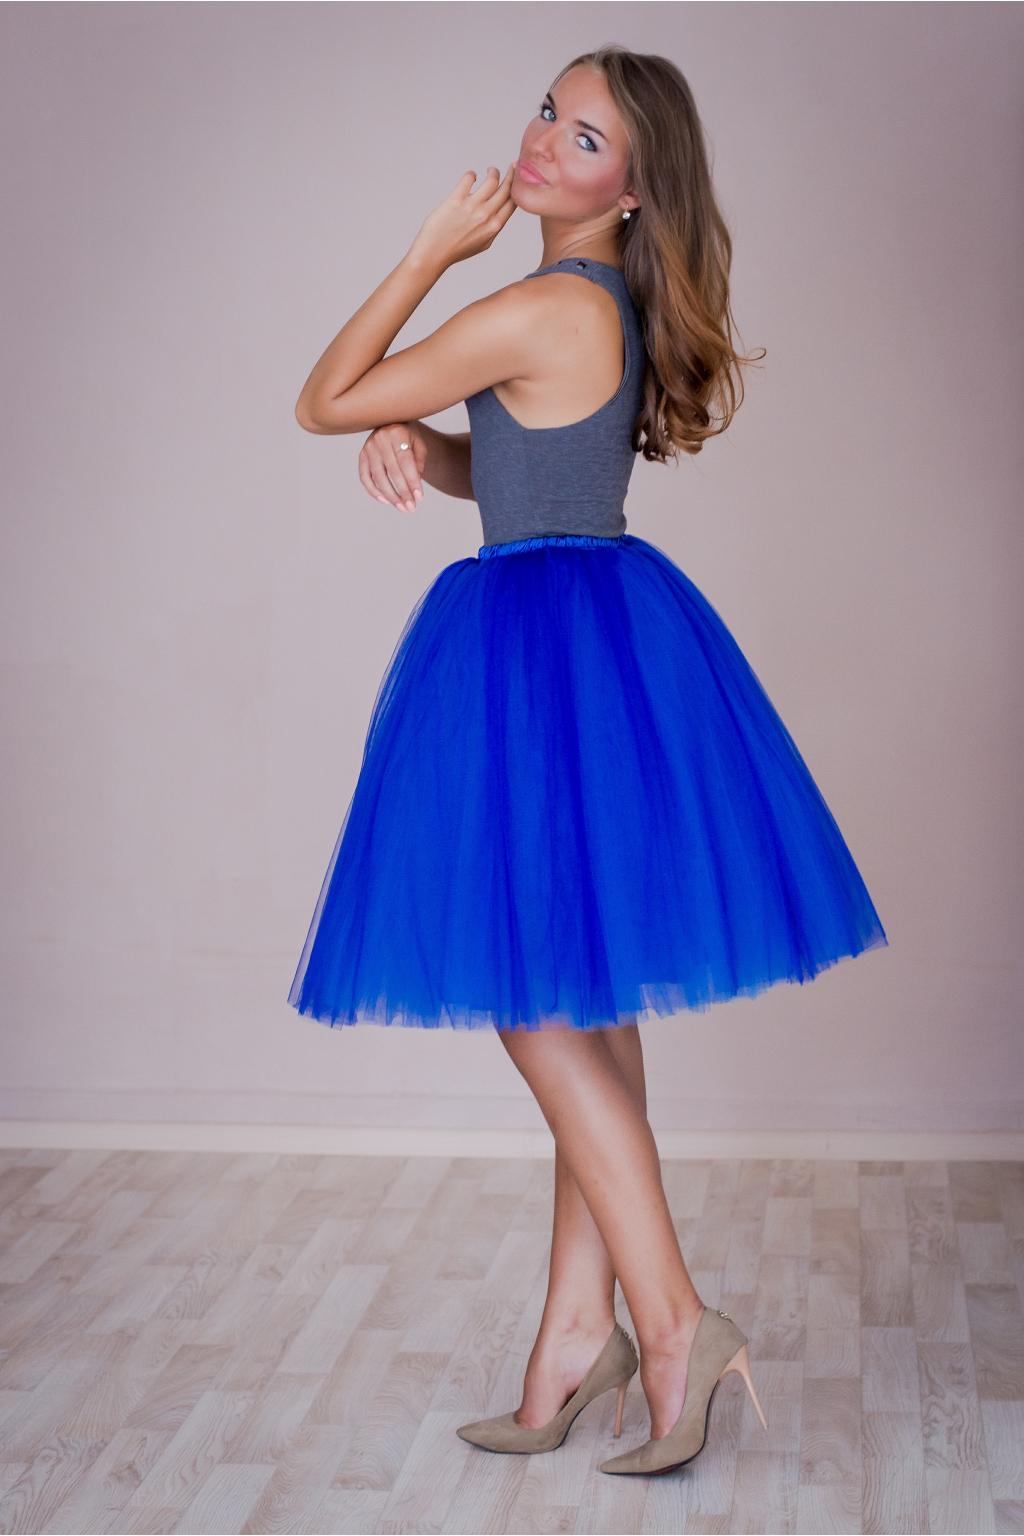 Dámská tylová TUTU sukně tmavě modrá pod kolená - 60 cm